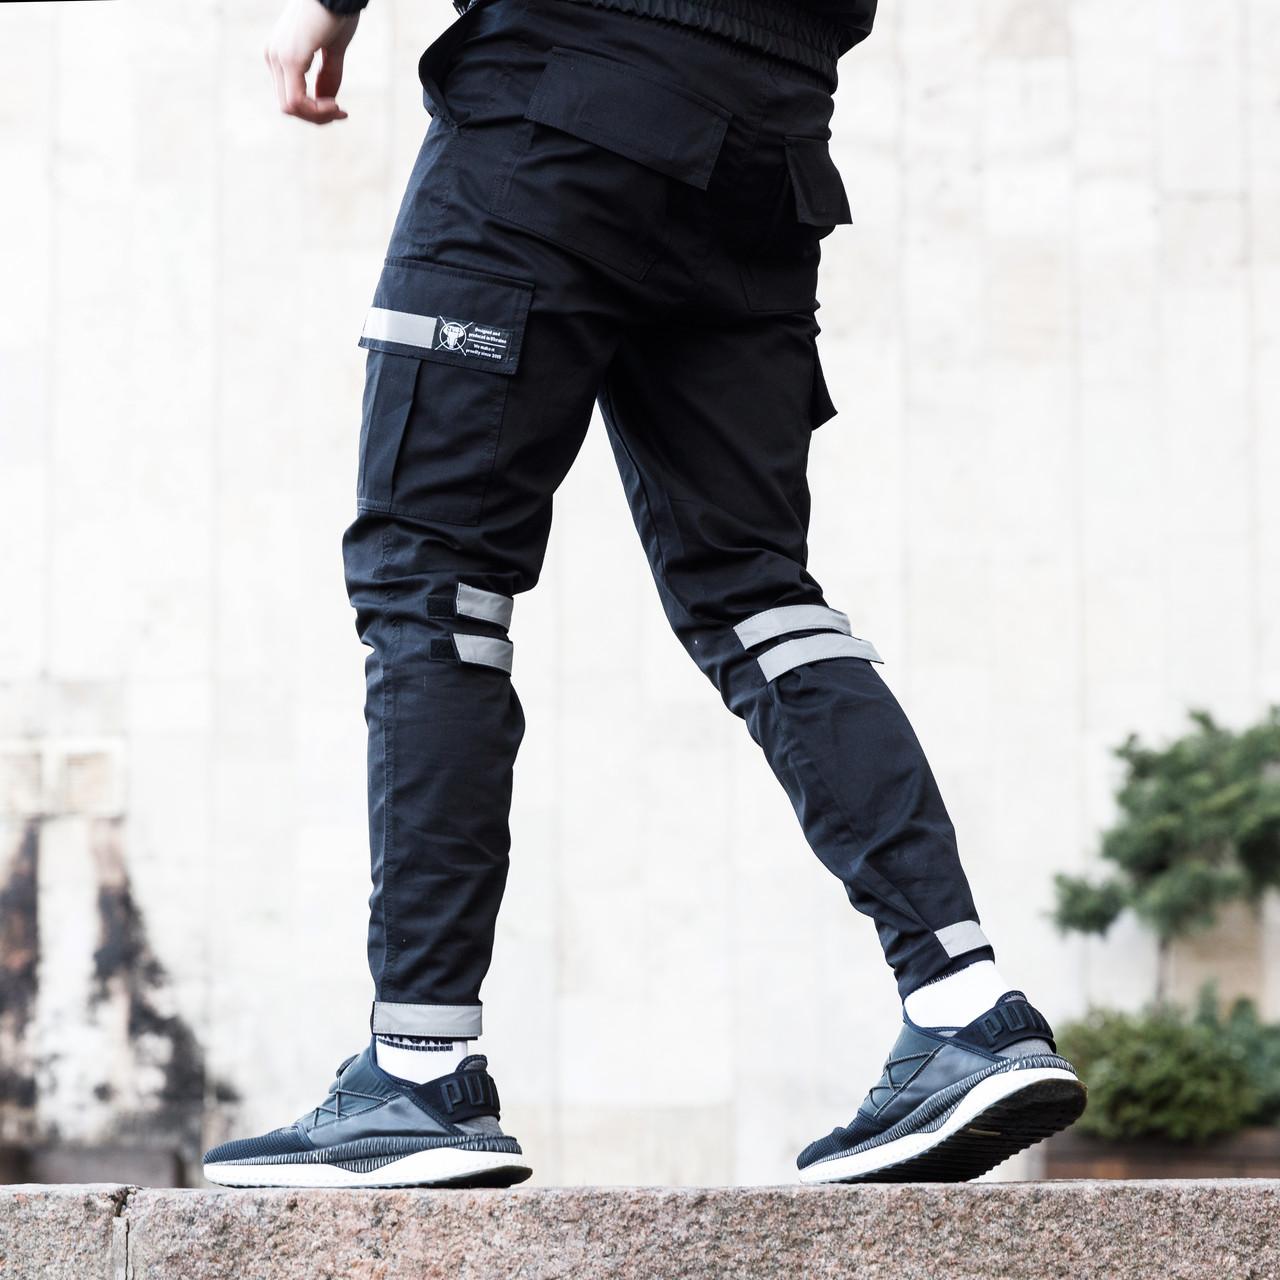 Завужені карго штани чорні на липучках з рефлектом чоловічі від бренду ТУР Райот розмір S, M, L, XL, XXL